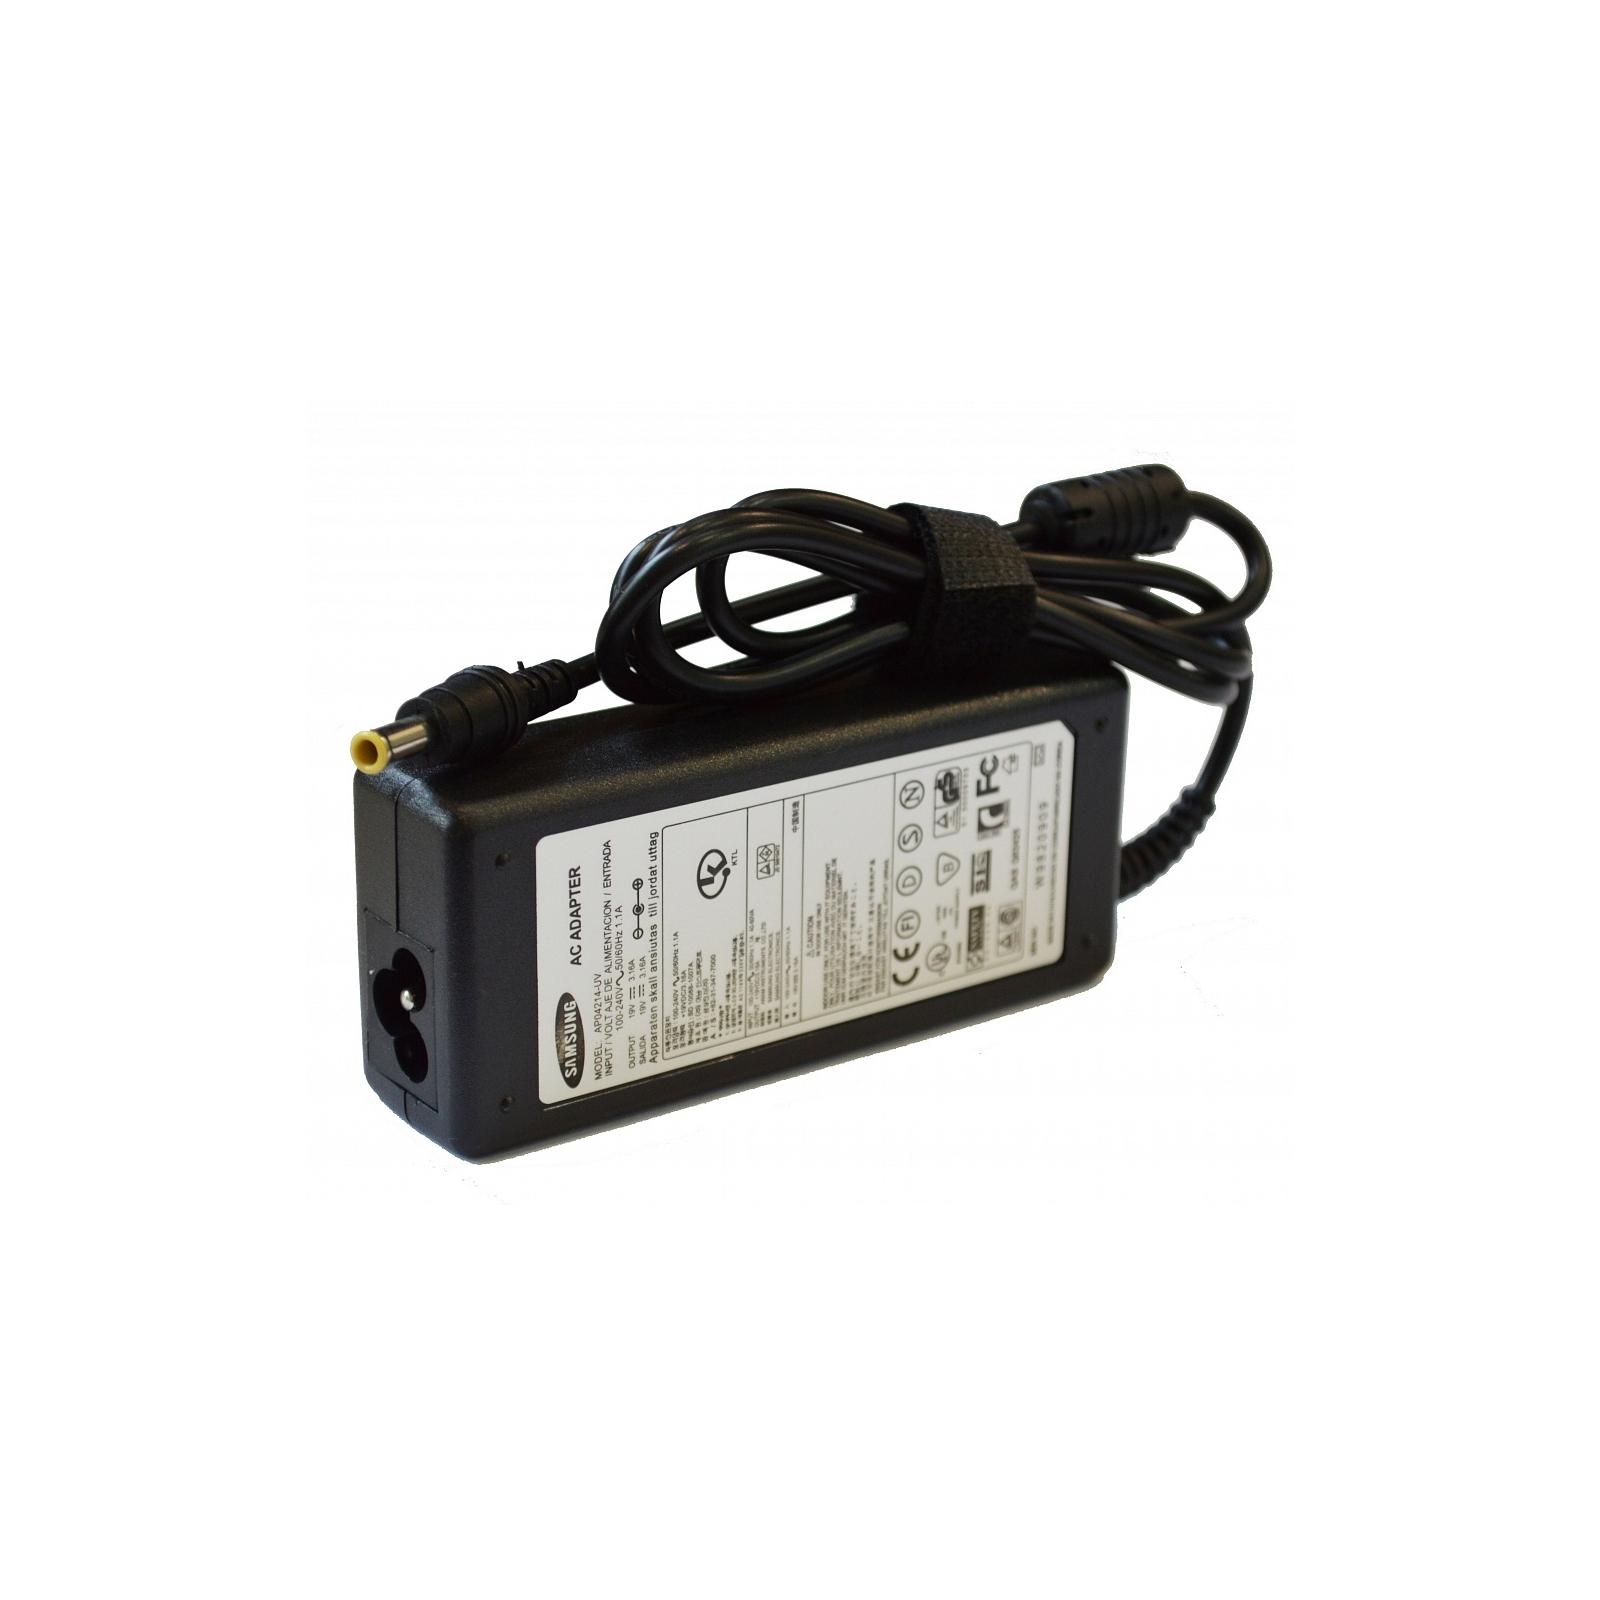 Блок питания к ноутбуку Drobak SAMSUNG 19V 60W 3.16A (5.5*3.0 black with pin inside) (142110) изображение 2